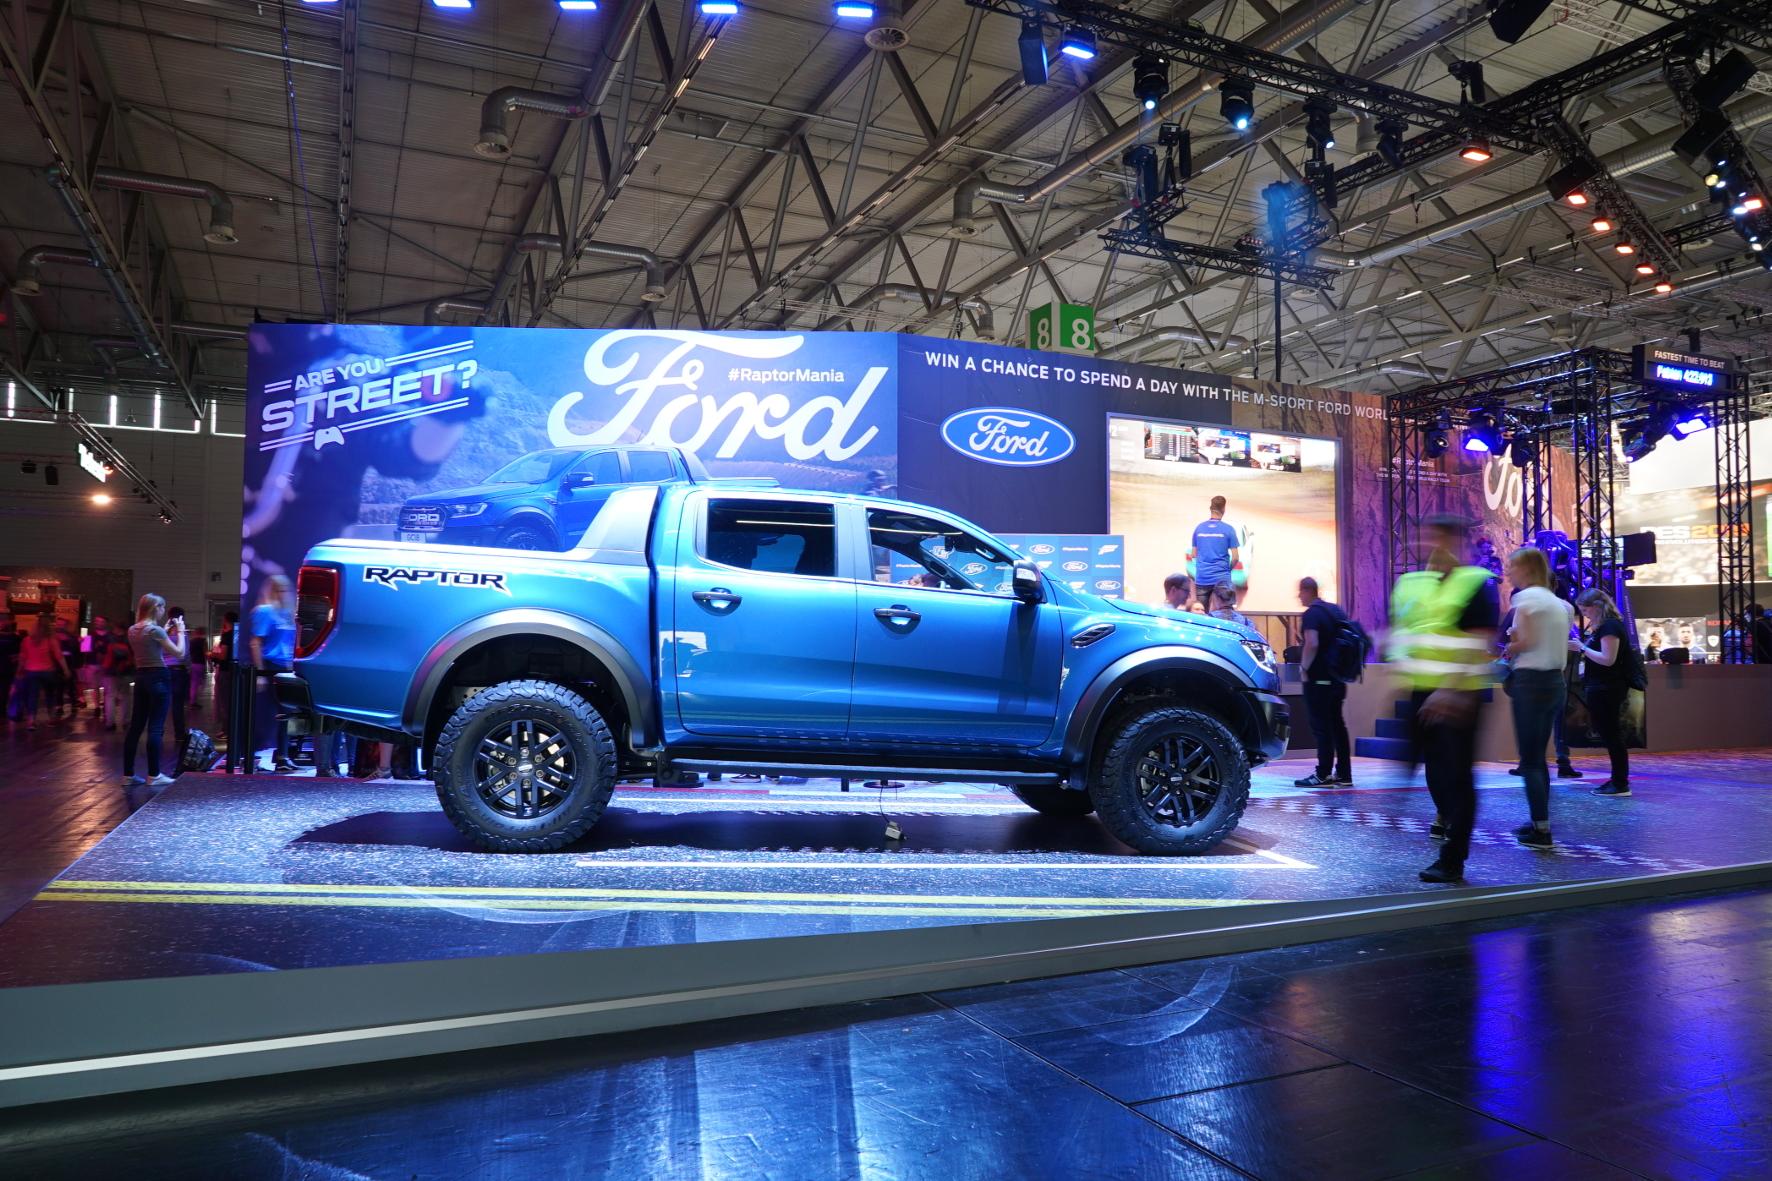 mid Groß-Gerau - Autobauer Ford hat auf der Computerspiele-Messe Gamescom einen eigenen Stand. Ford